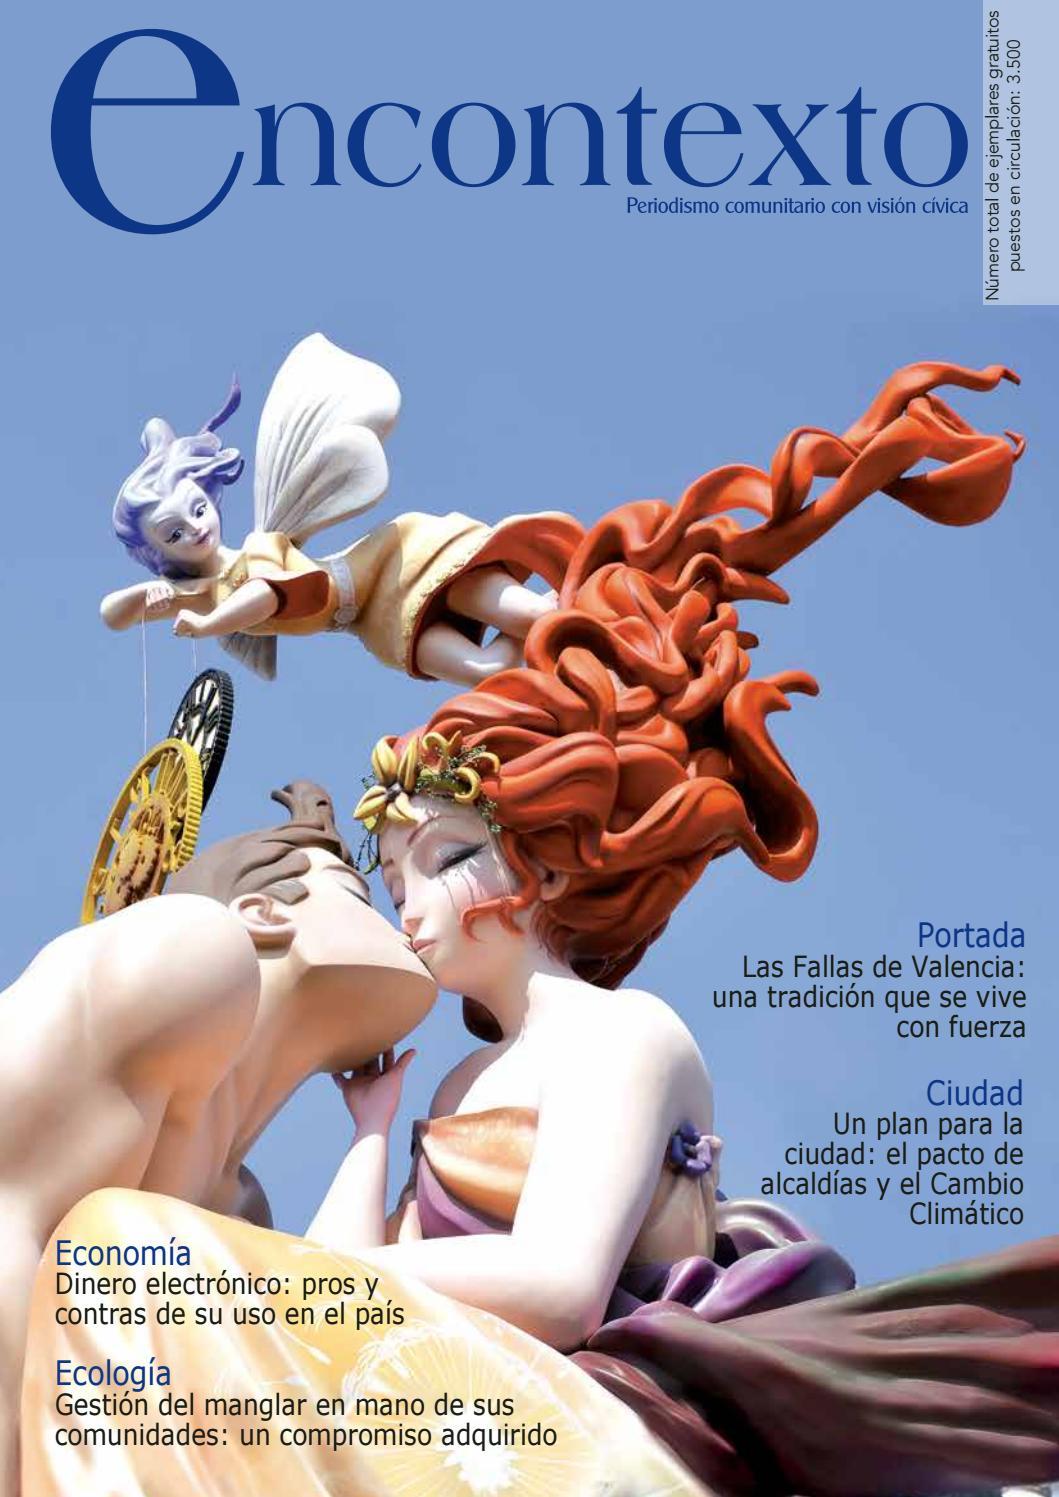 Revista Encontexto edición 68 by Ecuador Encontexto - issuu 0a74b005705